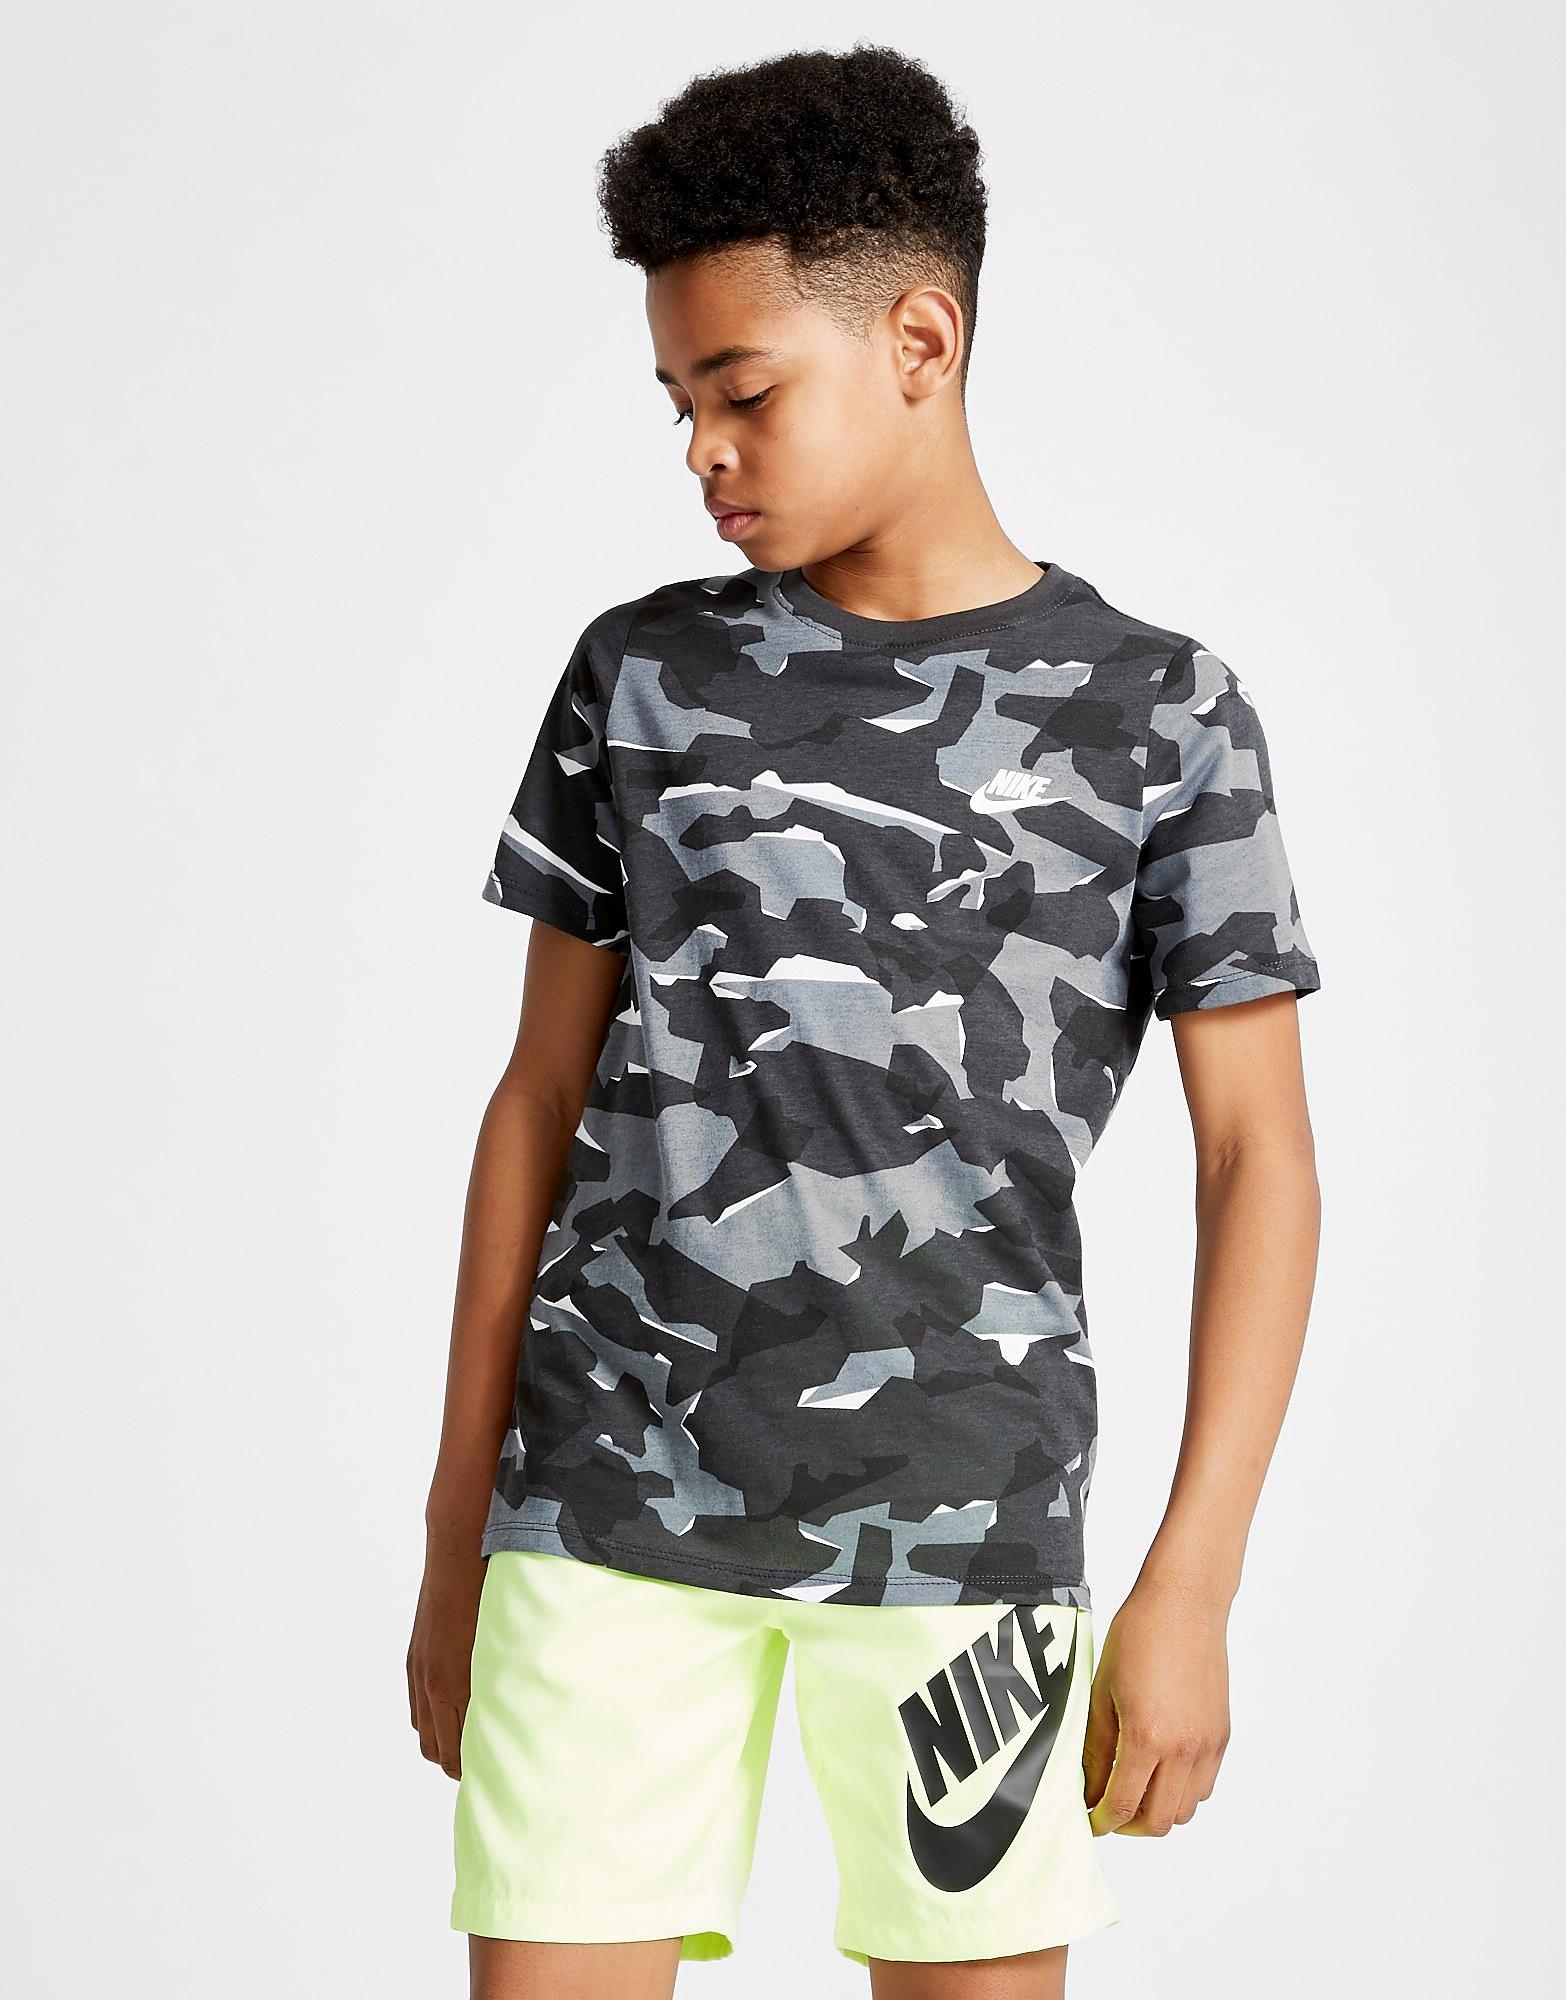 Nike All Over Print Camo T-Shirt Junior